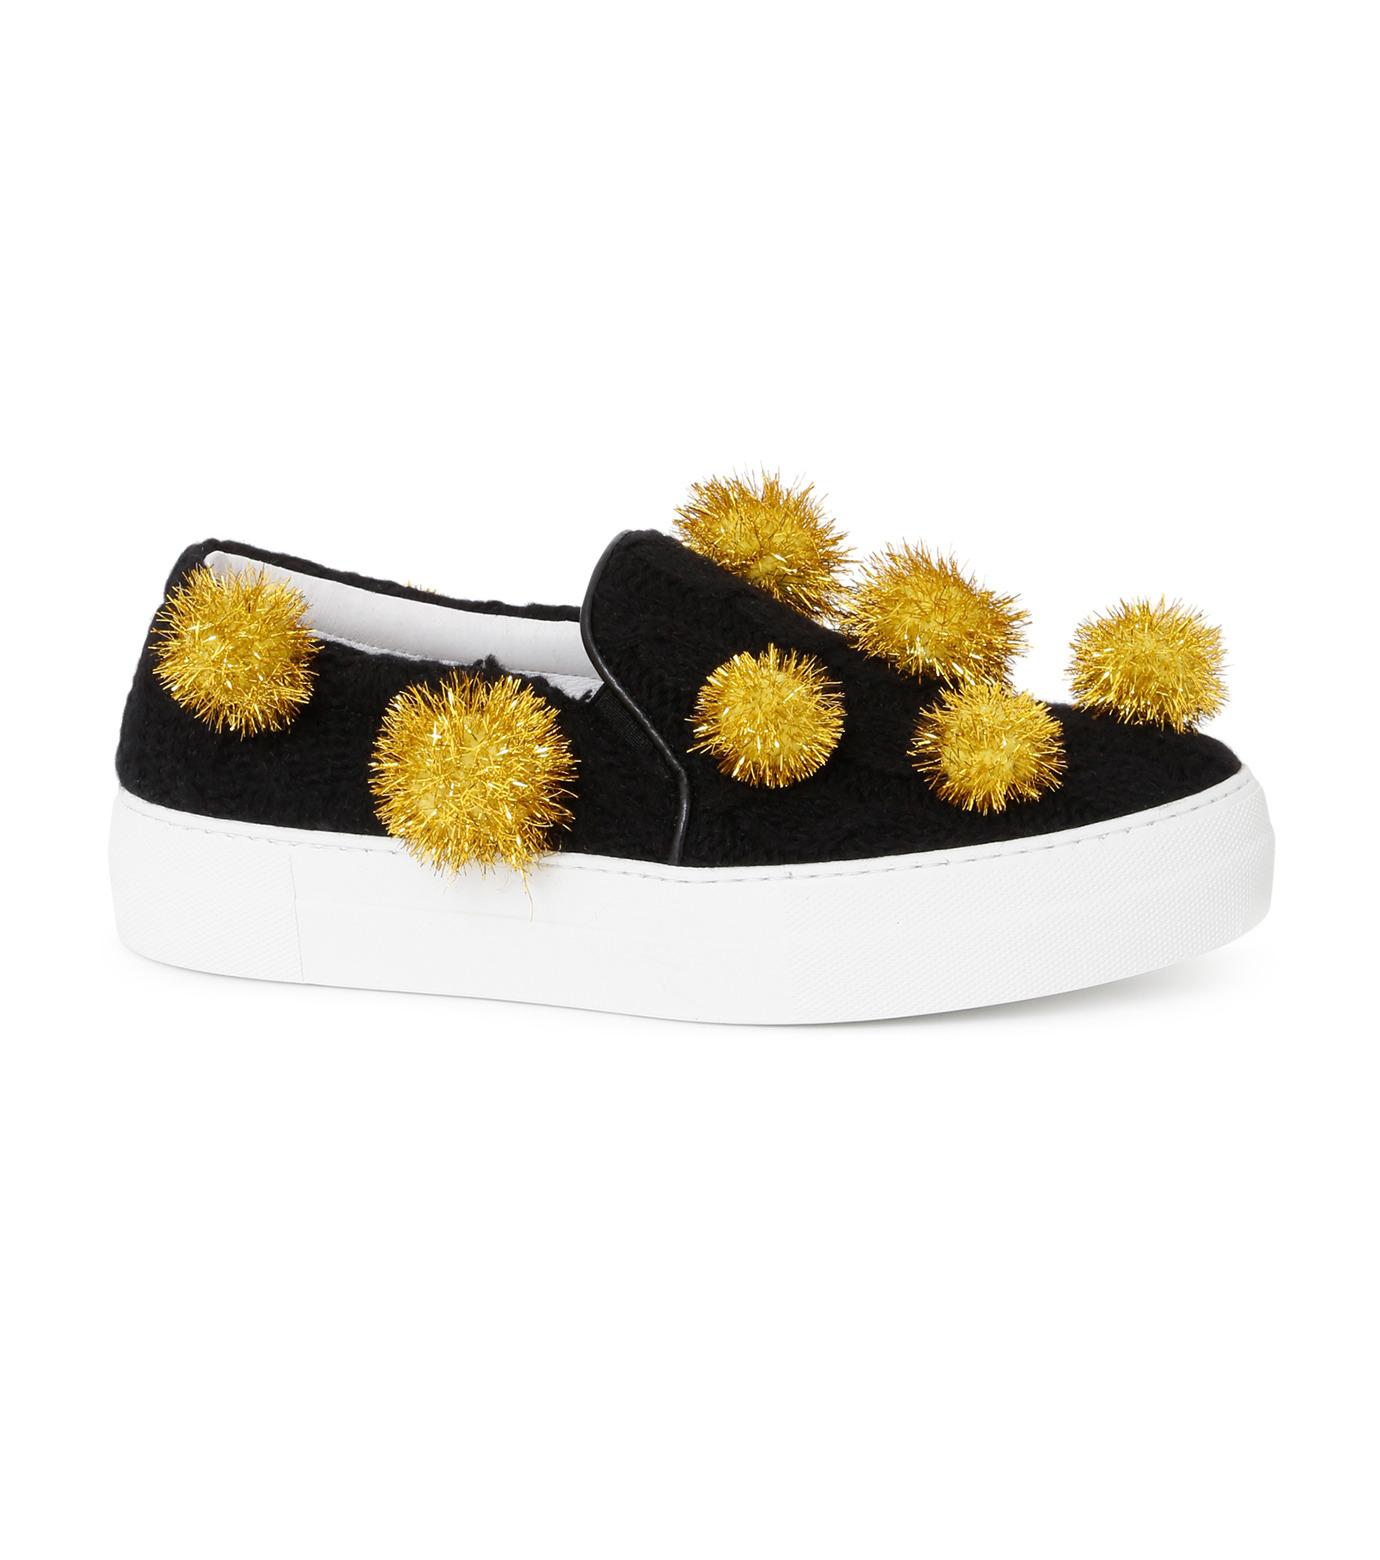 Joshua SANDERS(ジョシュア・サンダース)のSlip On Pompom-BLACK(スニーカー/sneaker)-10078P-13 拡大詳細画像1